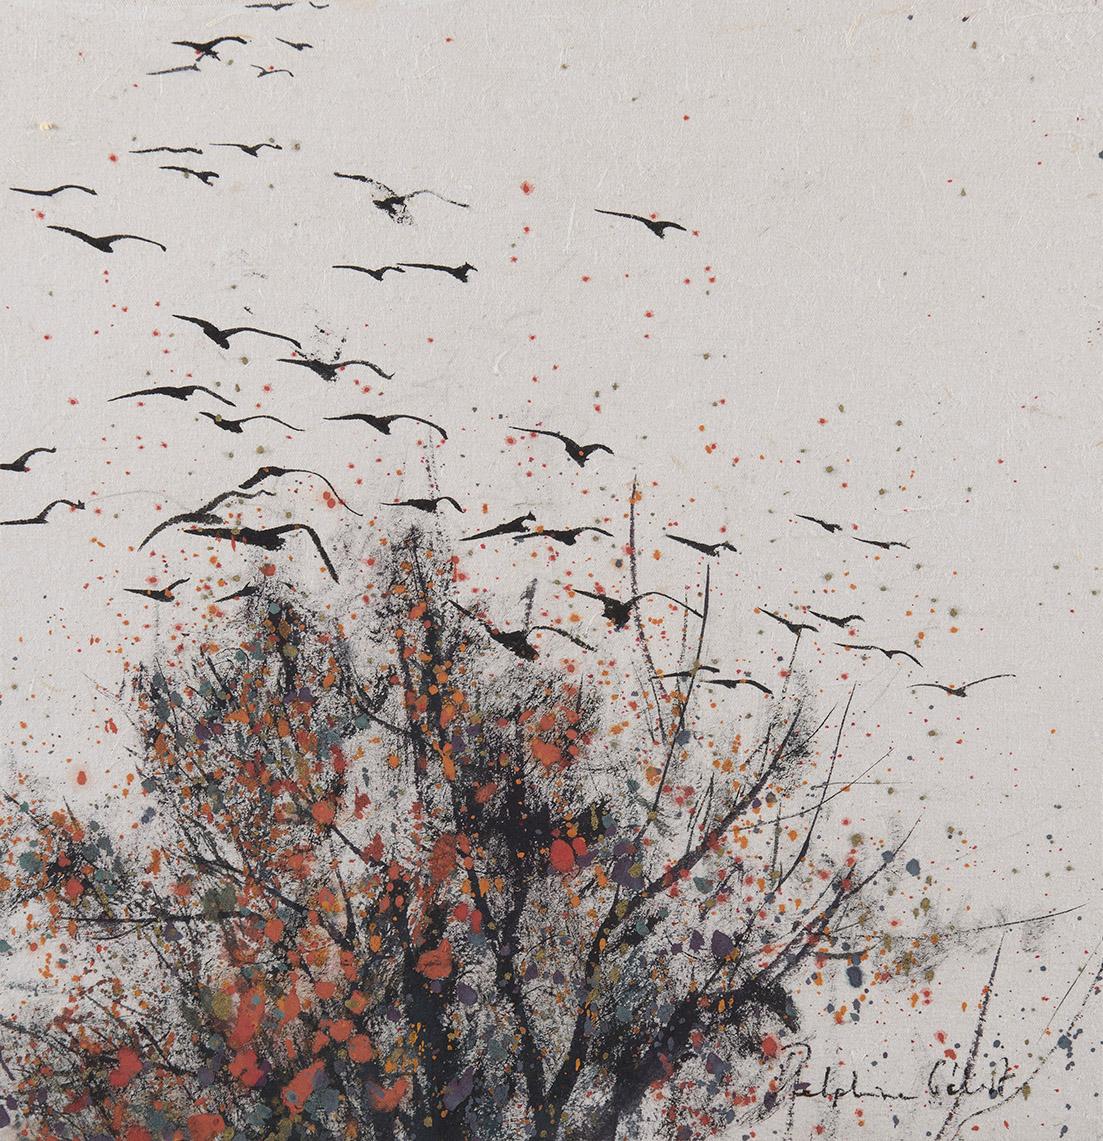 Encre et pigments arbre et oiseaux